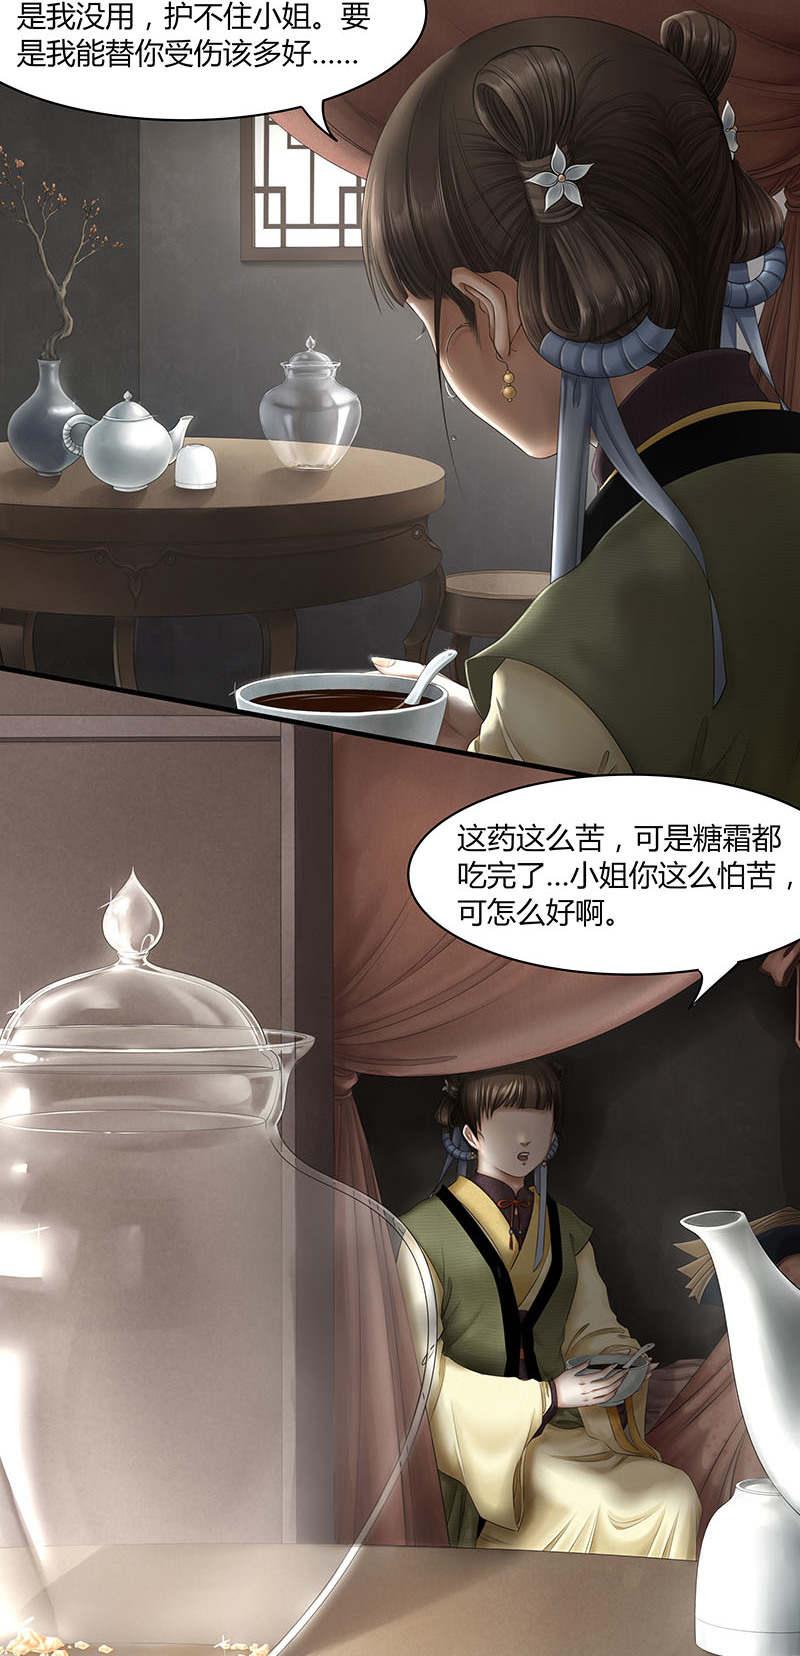 画骨女仵作第37话  碰瓷 第 4